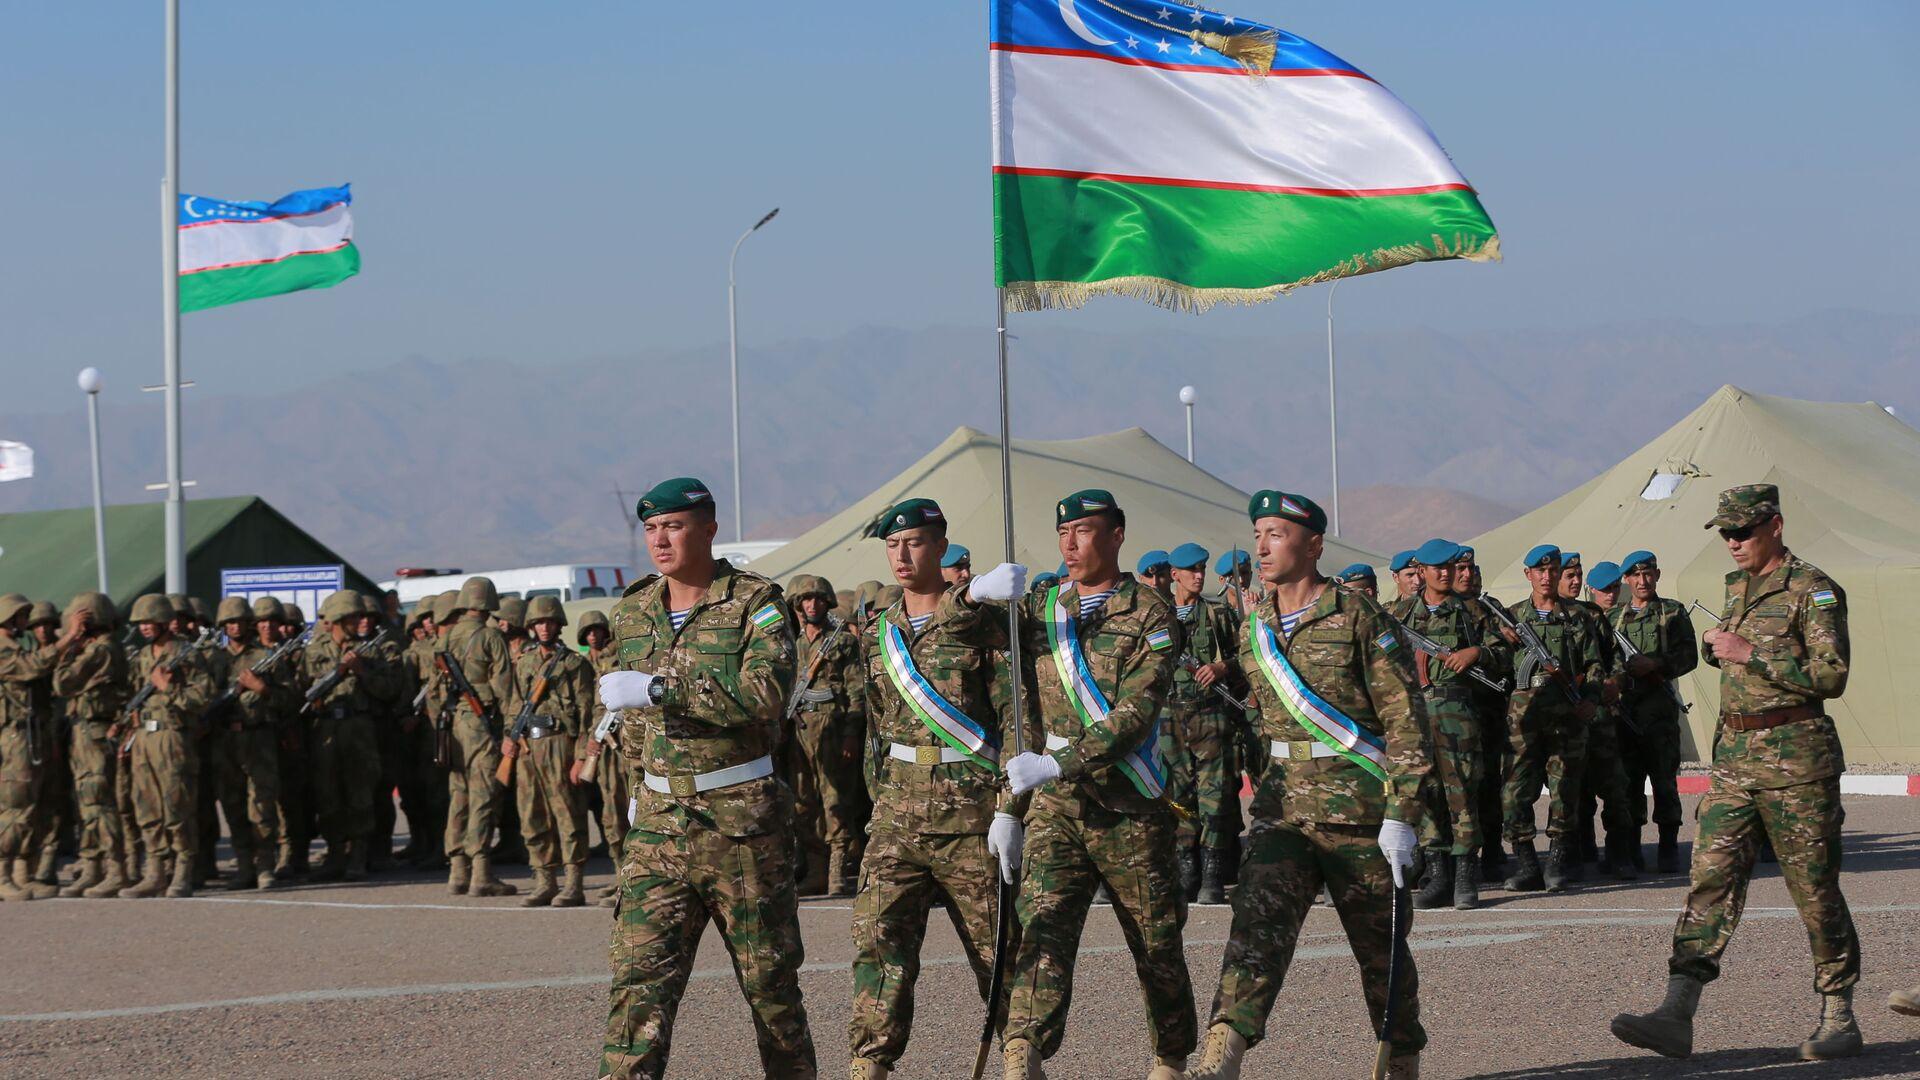 Двусторонние учения военных Узбекистана и Таджикистана по уничтожению условных террористических группировок - Sputnik Таджикистан, 1920, 02.08.2021